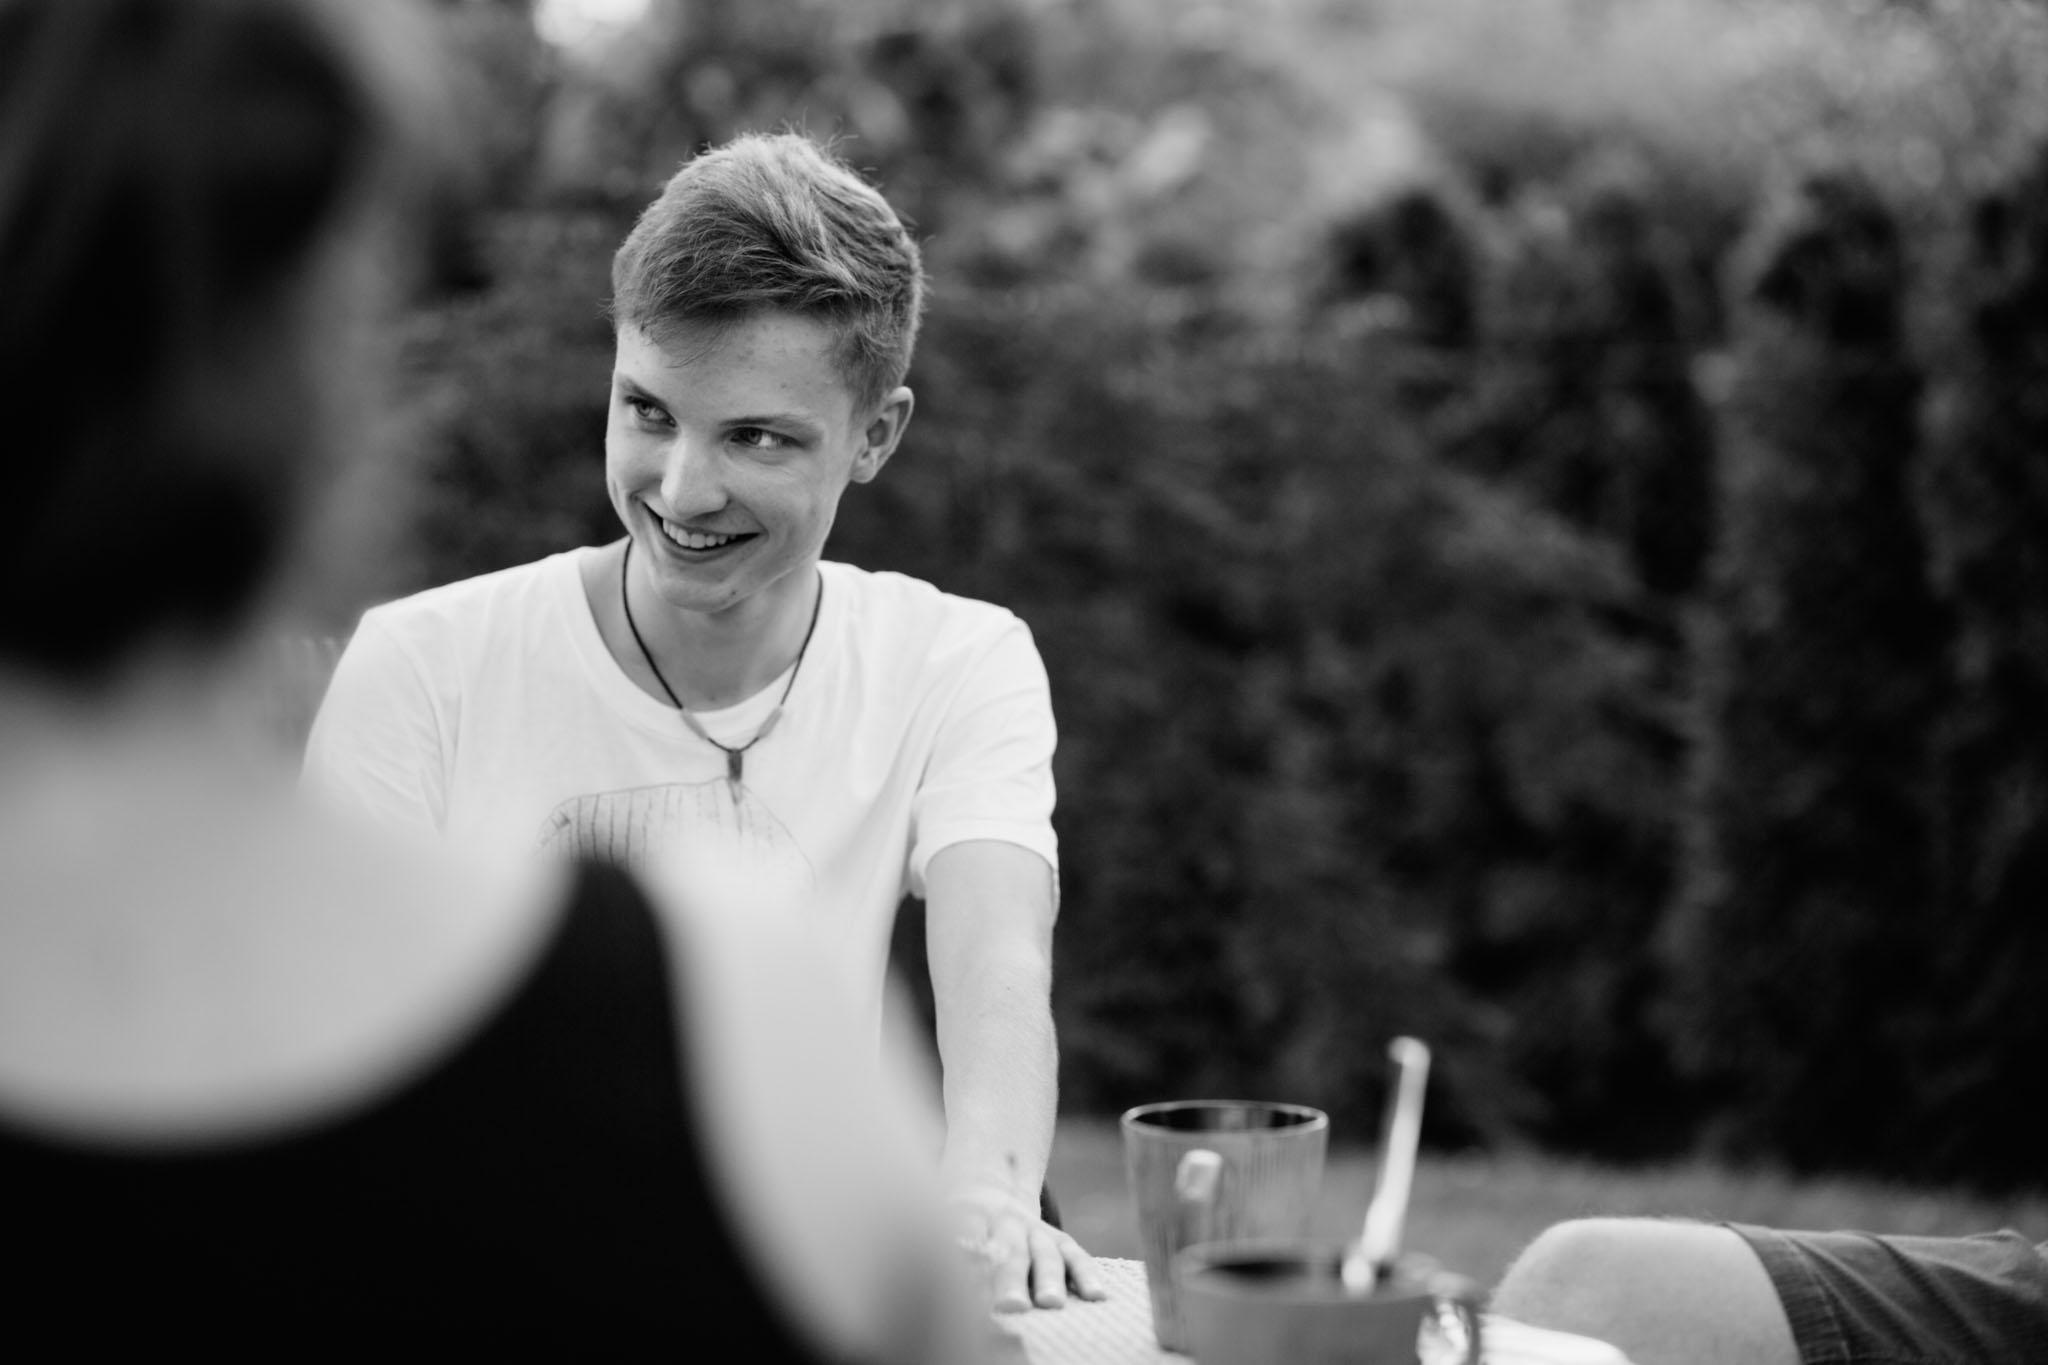 familienfotos-ungestellt-reportage-berlin